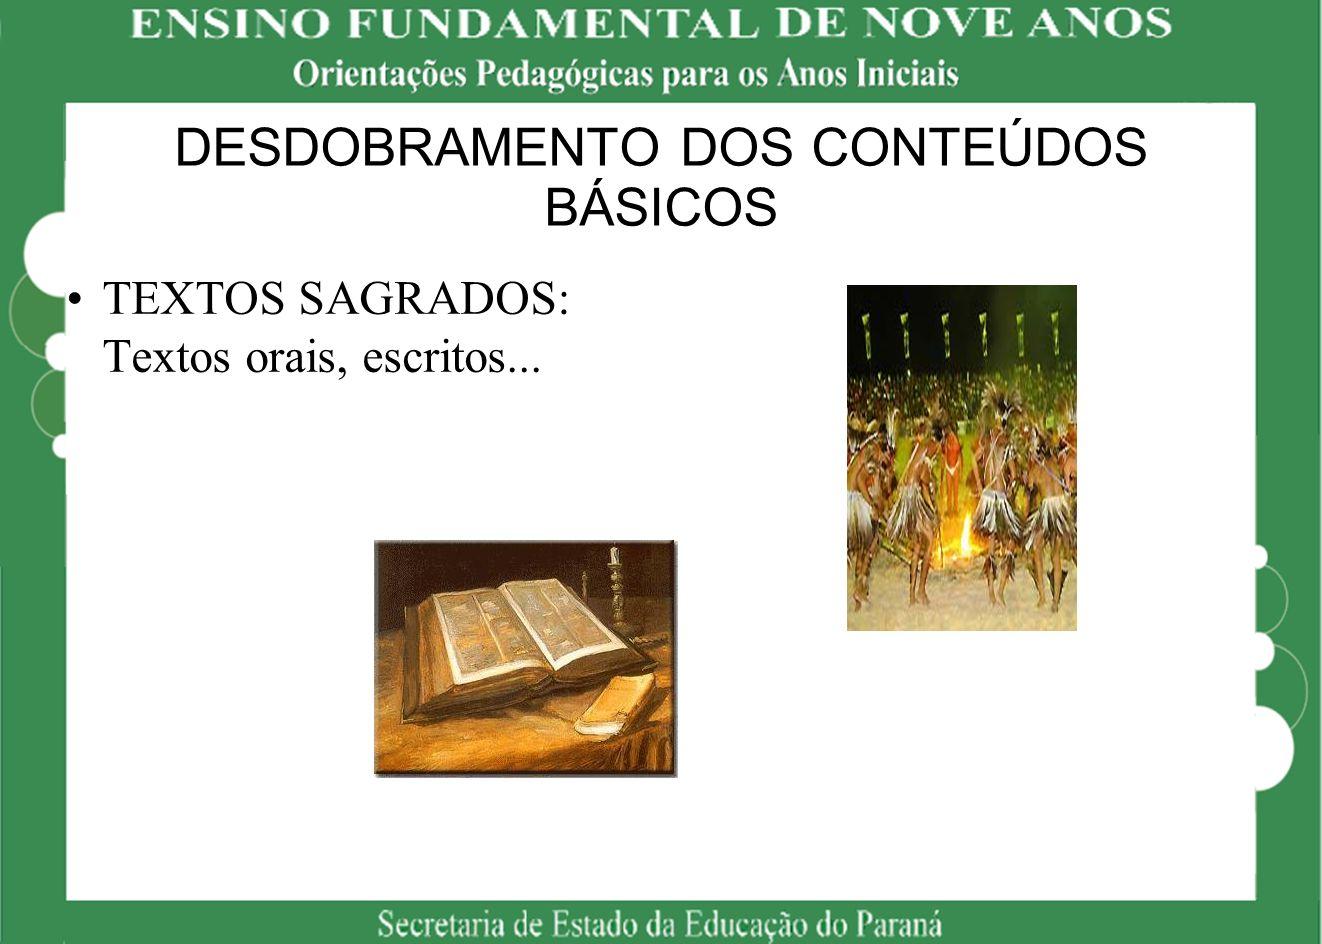 DESDOBRAMENTO DOS CONTEÚDOS BÁSICOS TEXTOS SAGRADOS: Textos orais, escritos...